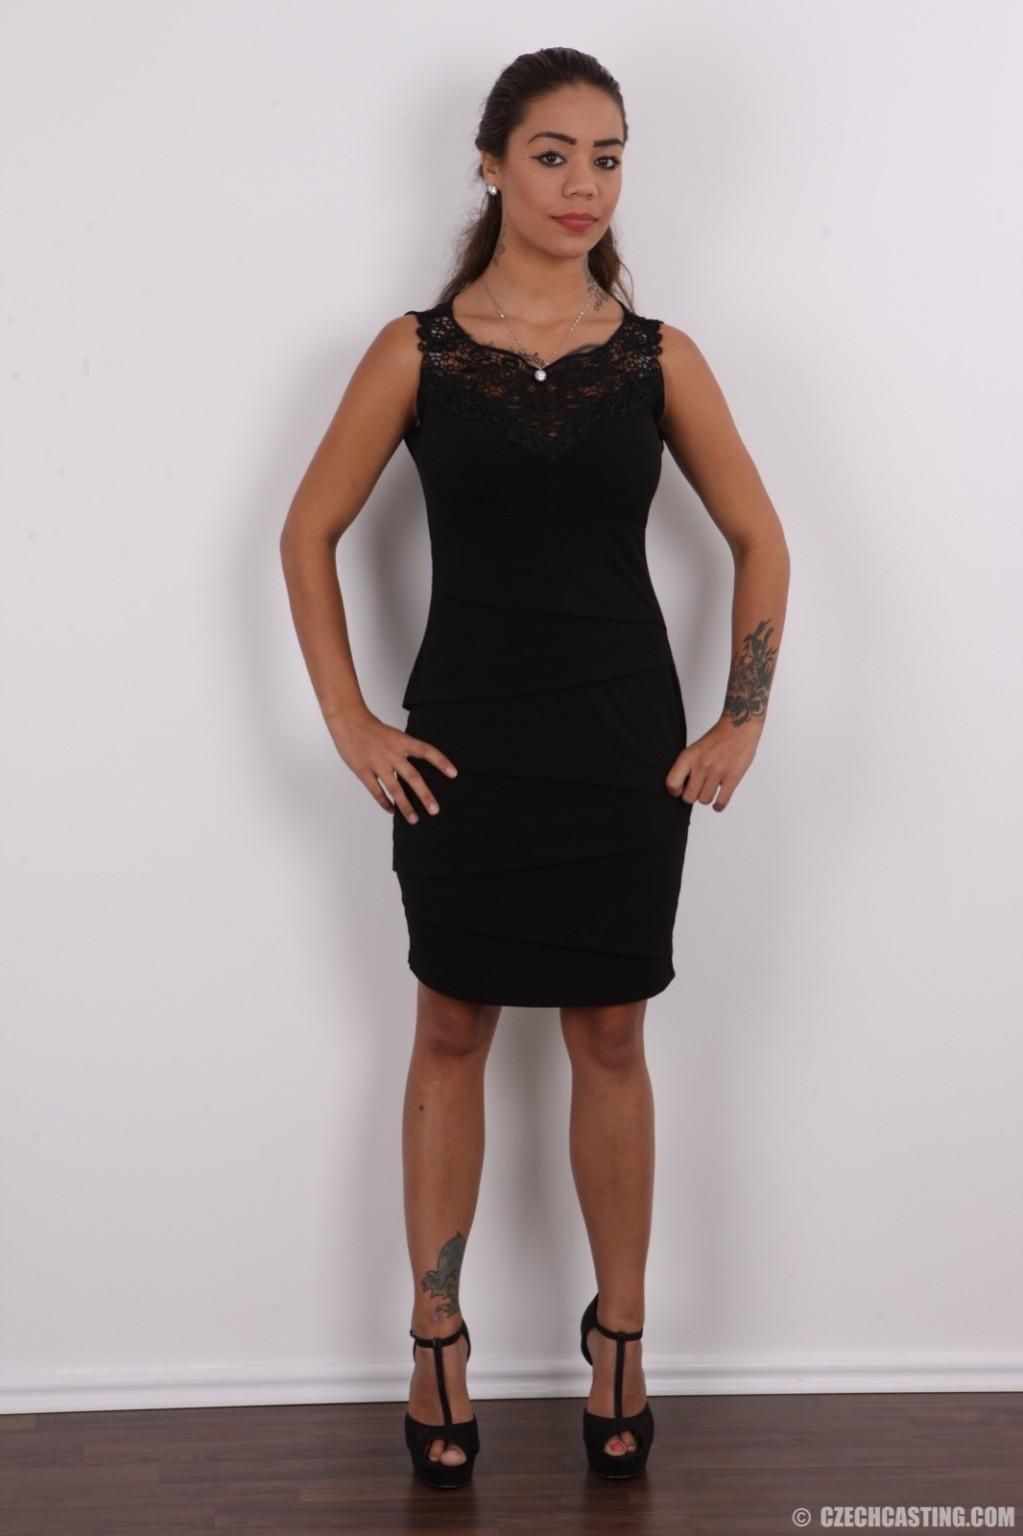 Восхитительная телочка осталась без своего черного платья